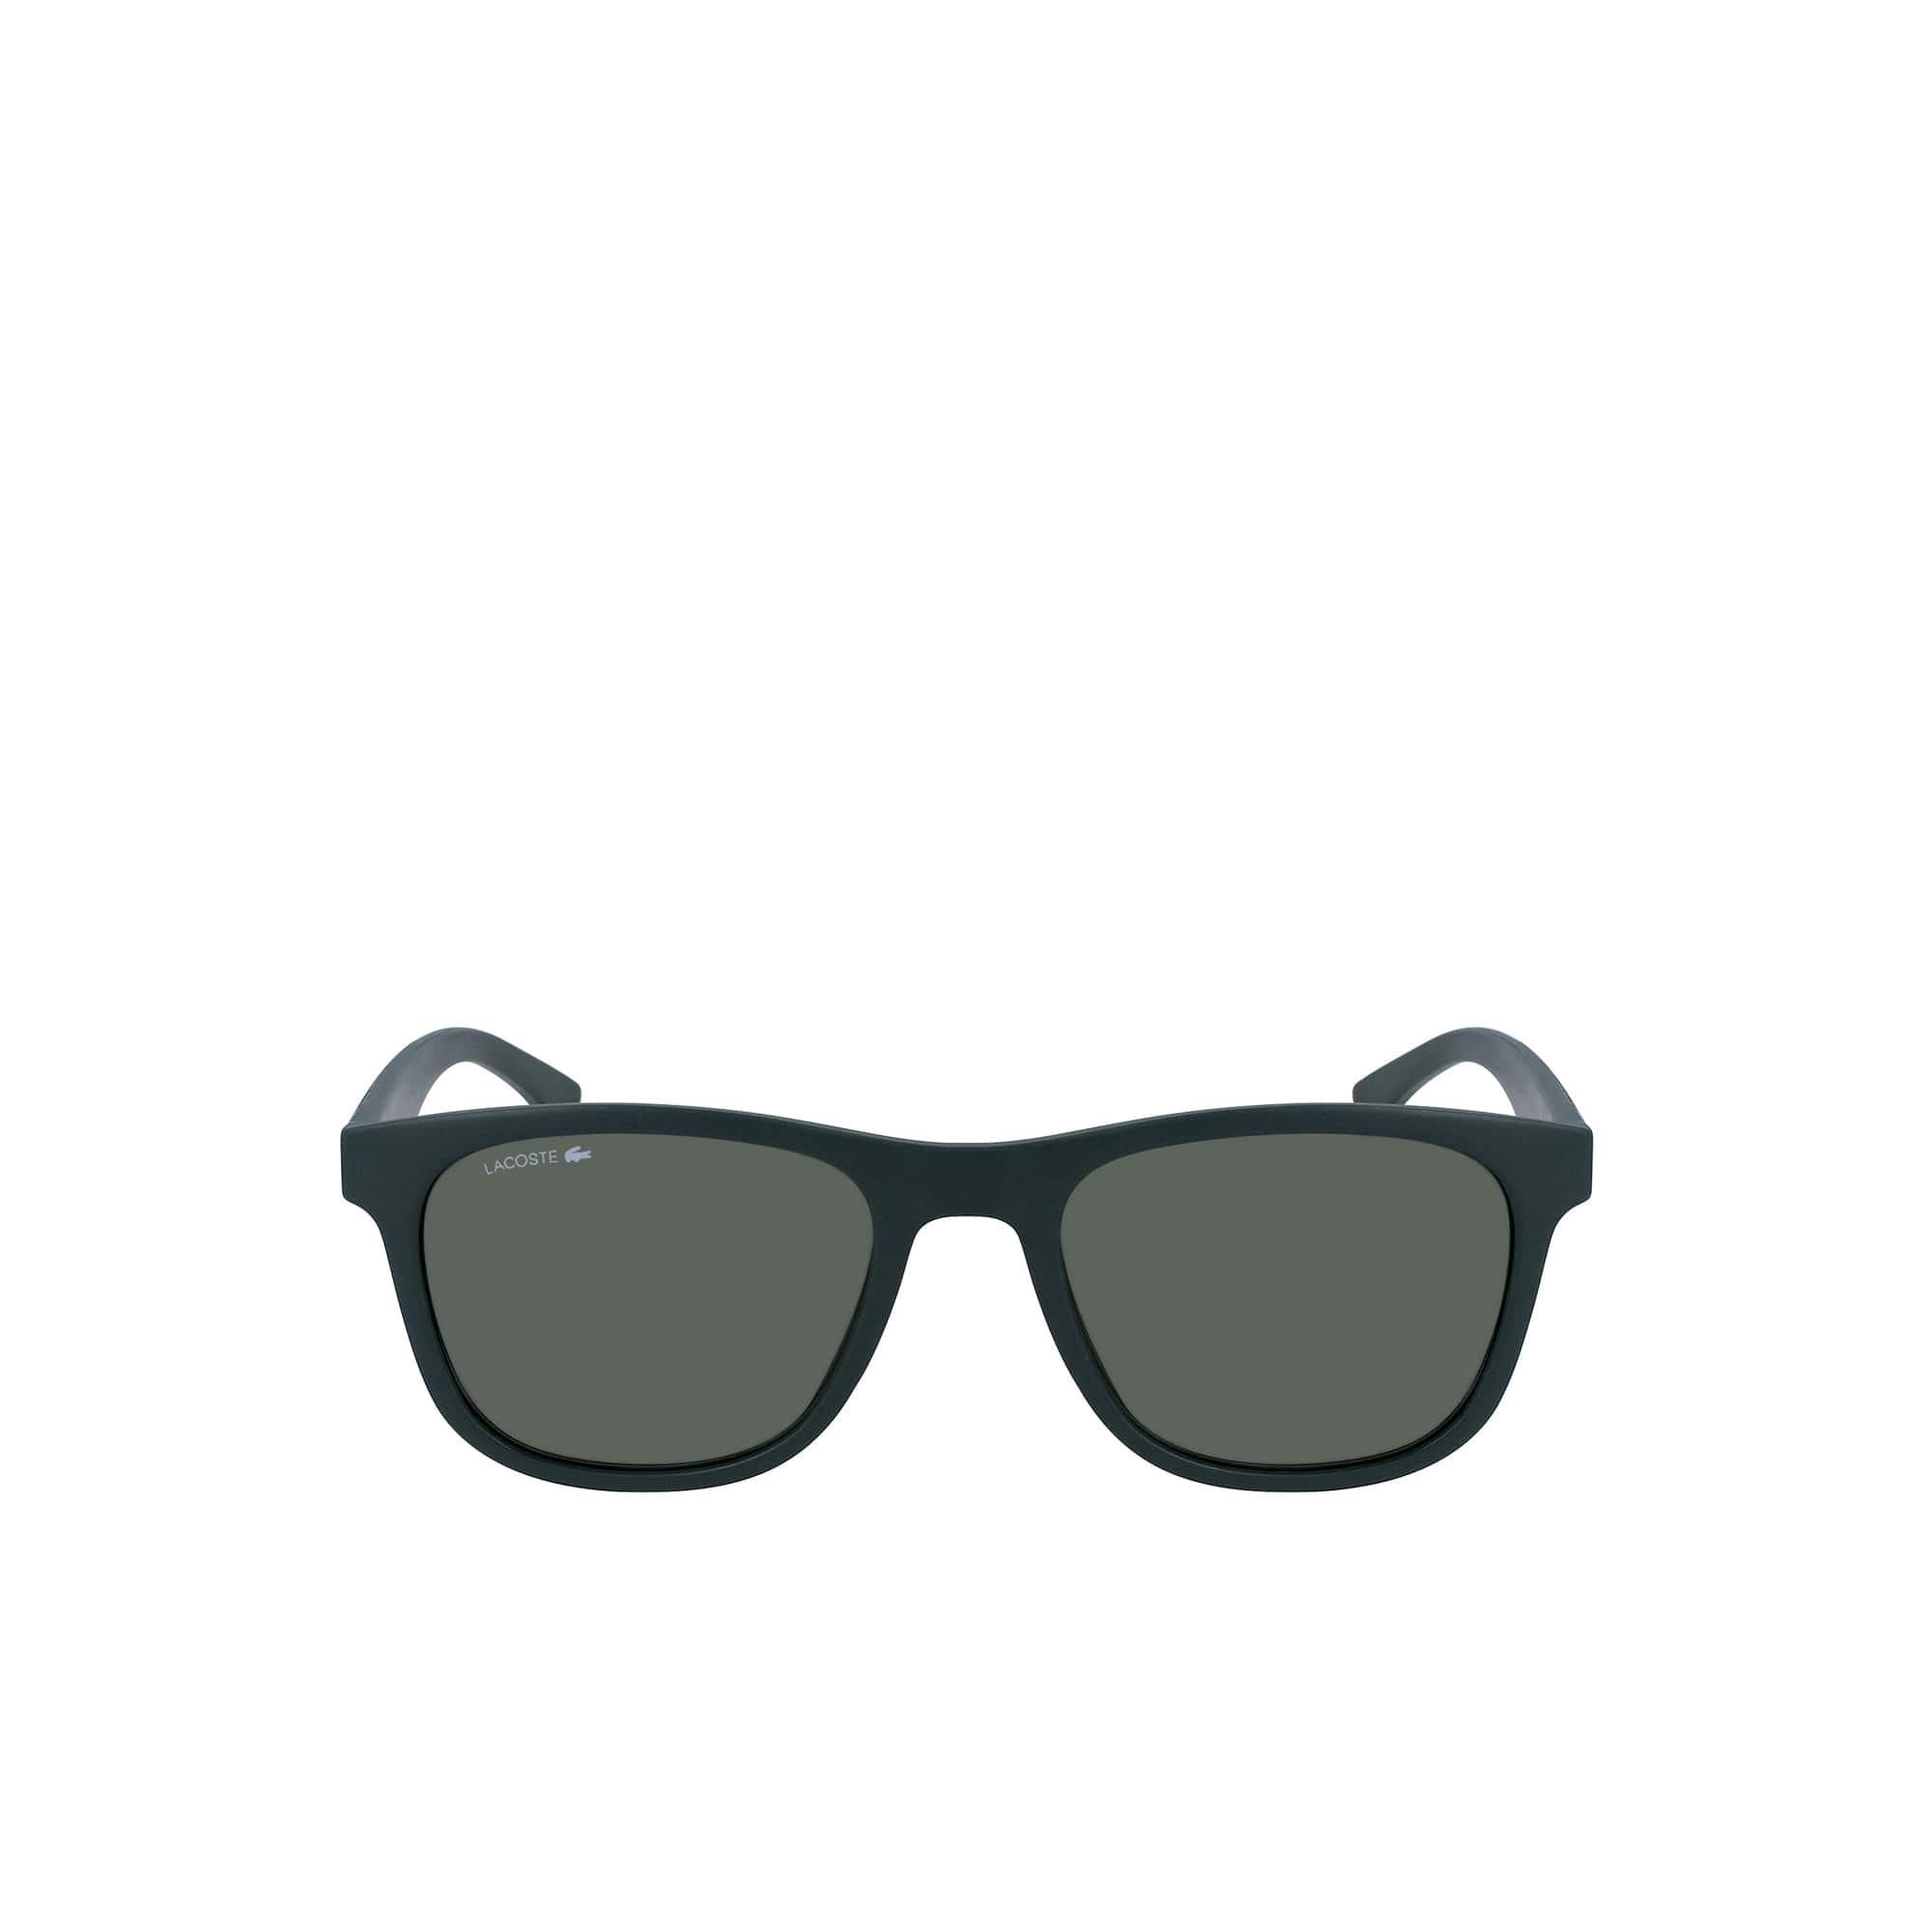 4a9a1cf83c89 Sunglasses for men